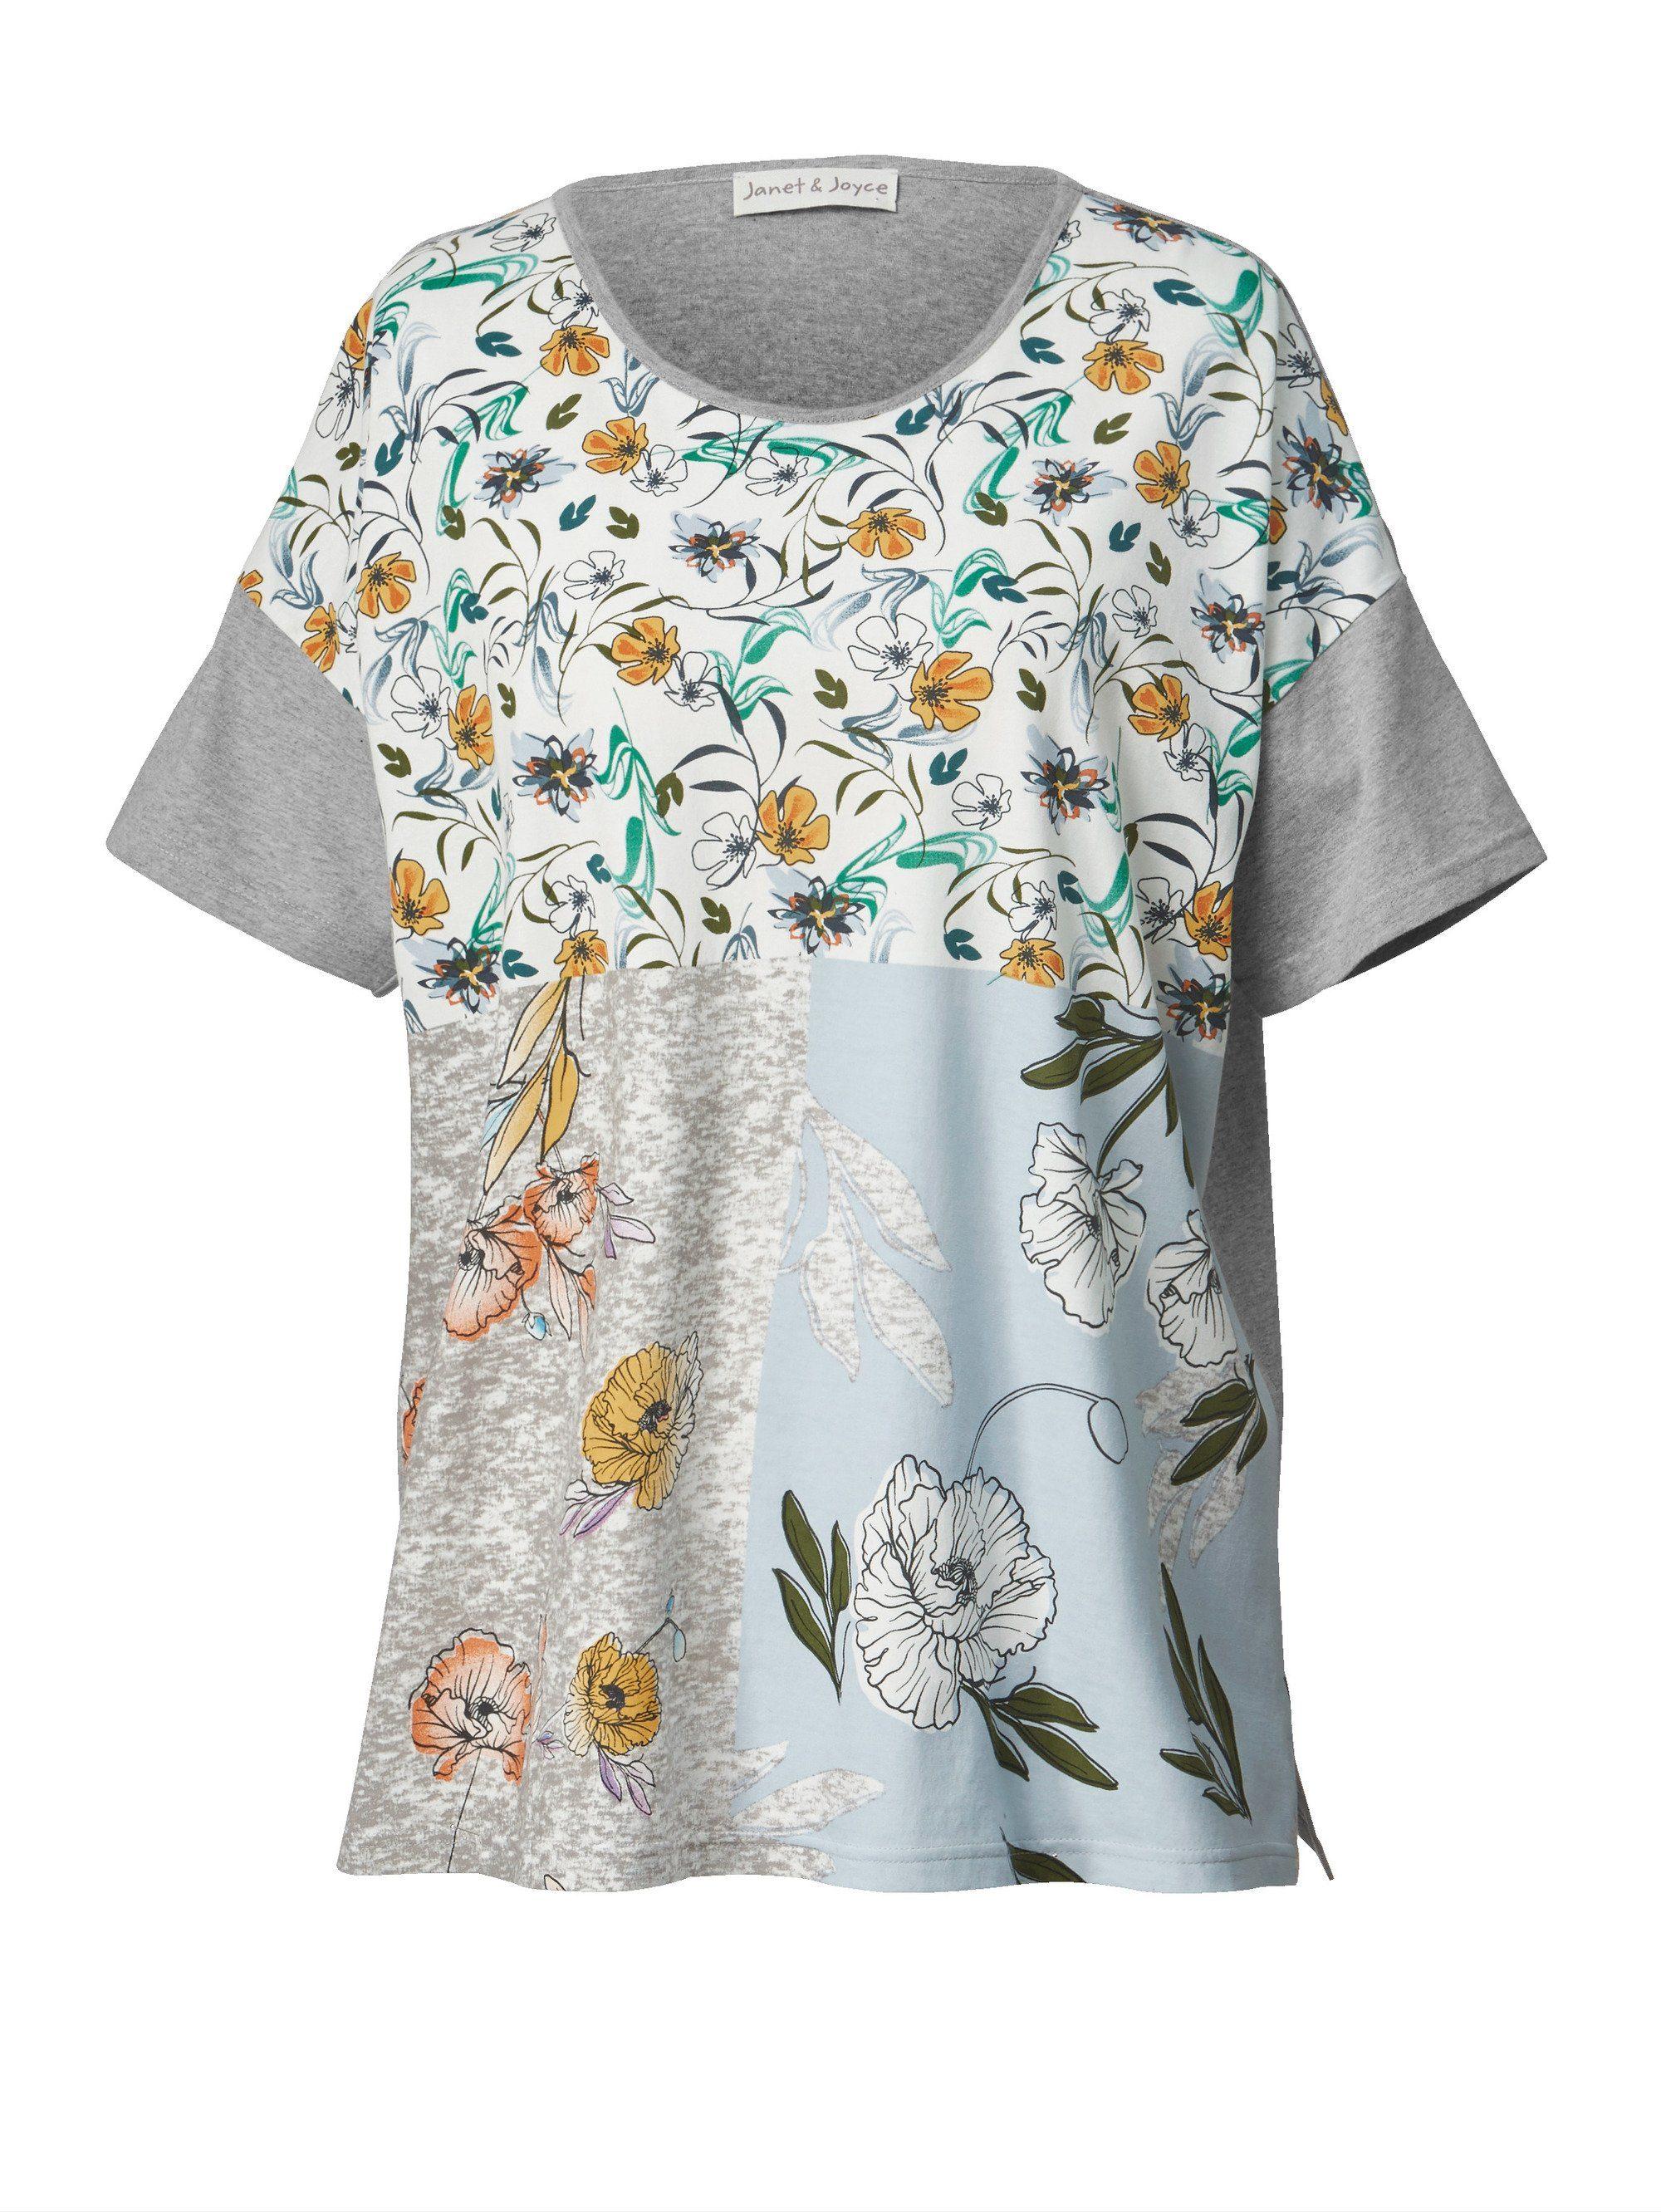 Kaufen Shirt Janet Und Blumen Mit print Size Happy Joyce By Online 8wknOXN0P